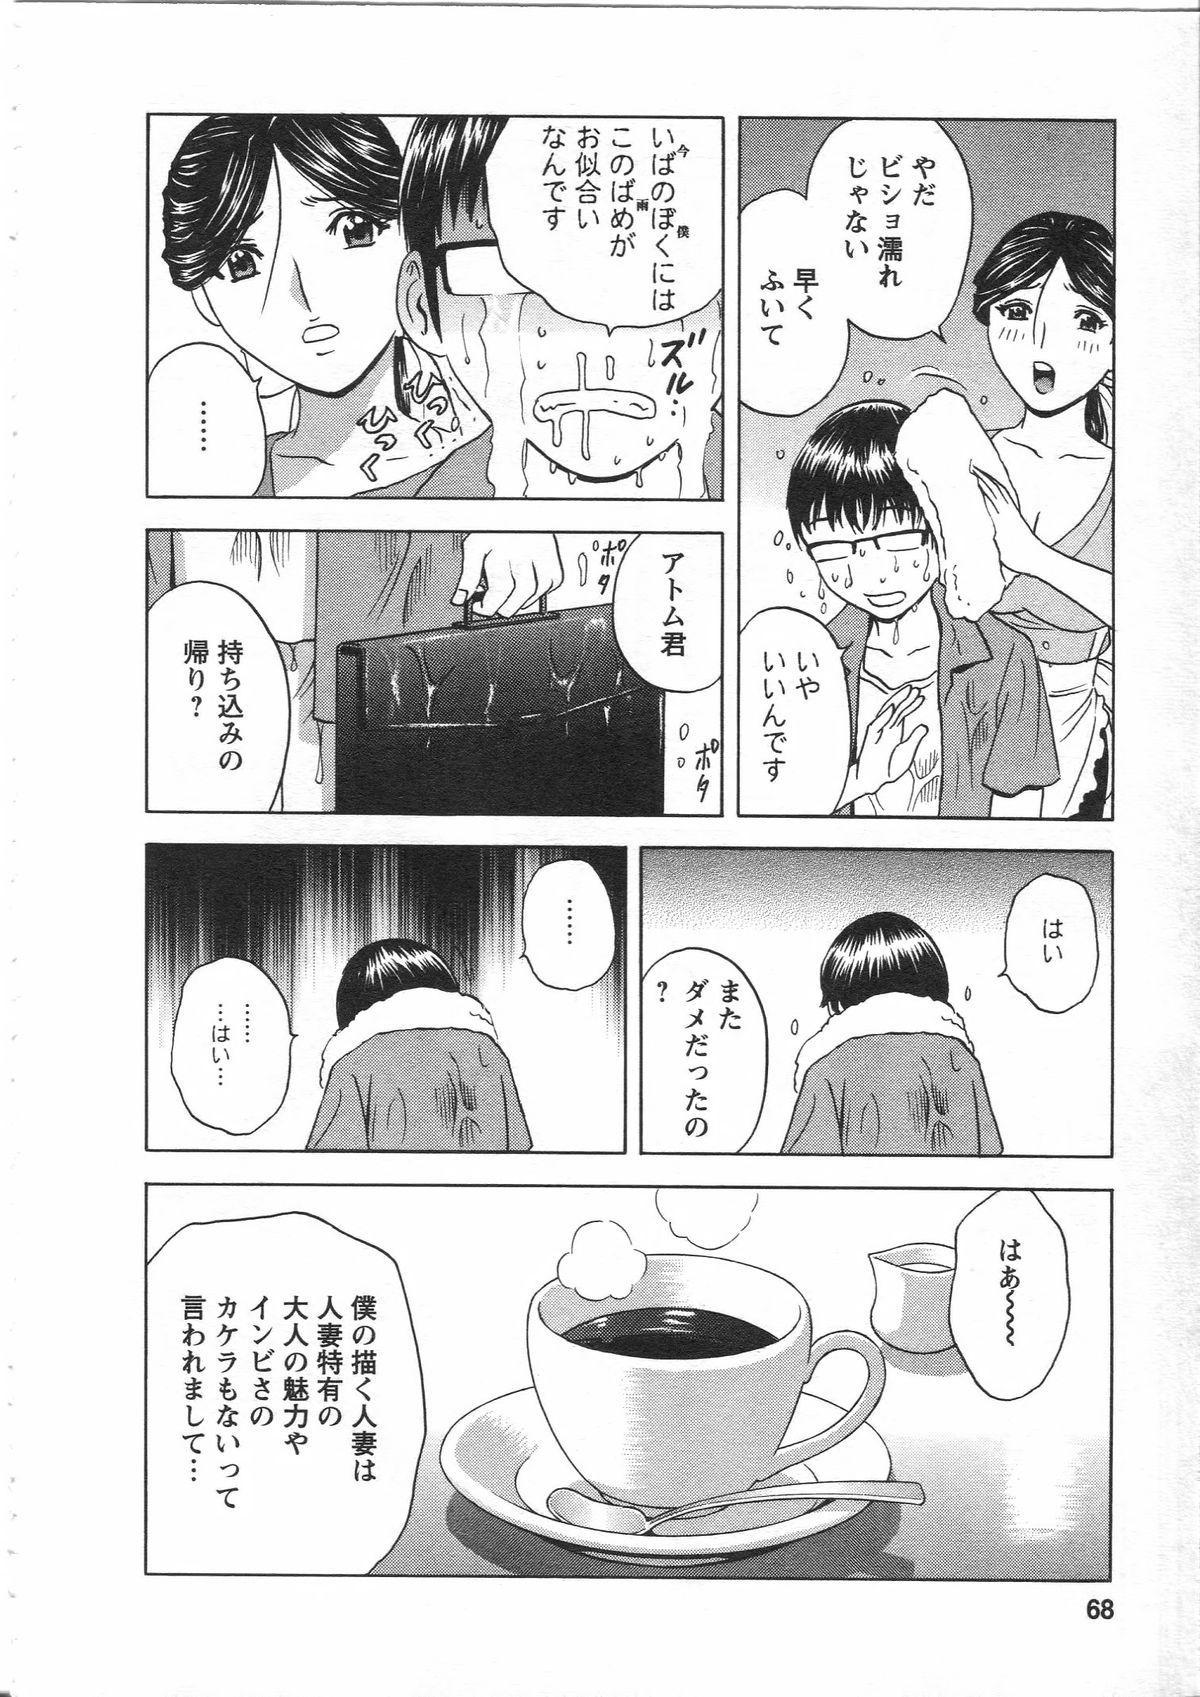 Manga no youna Hitozuma to no Hibi - Days with Married Women such as Comics. 67